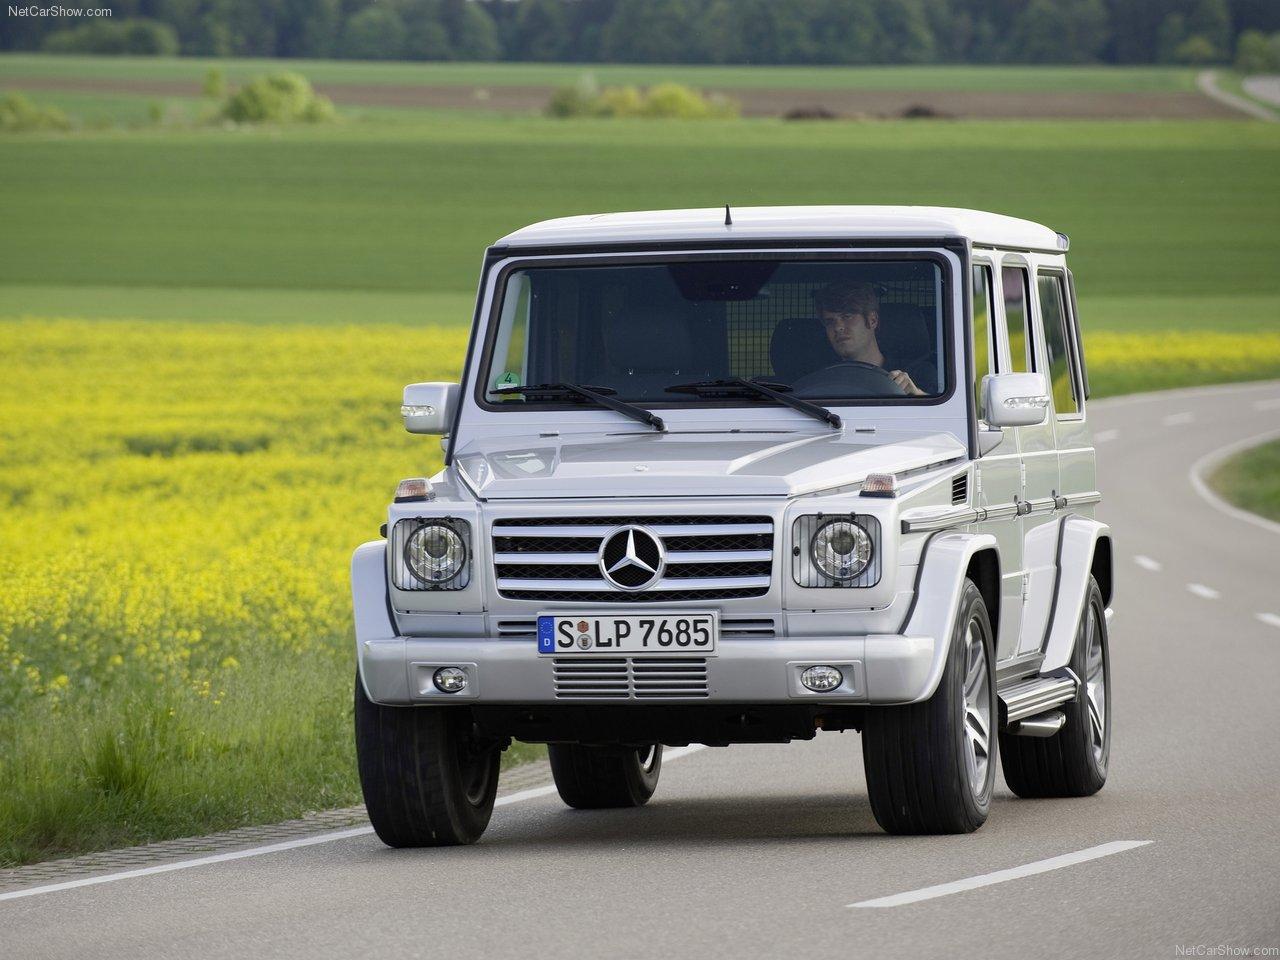 http://1.bp.blogspot.com/-ga53QSSHVYw/TWssn8TYumI/AAAAAAACLao/fY5NRtTZKLc/s1600/Mercedes-Benz-G55_AMG_2009_1280x960_wallpaper_03.jpg